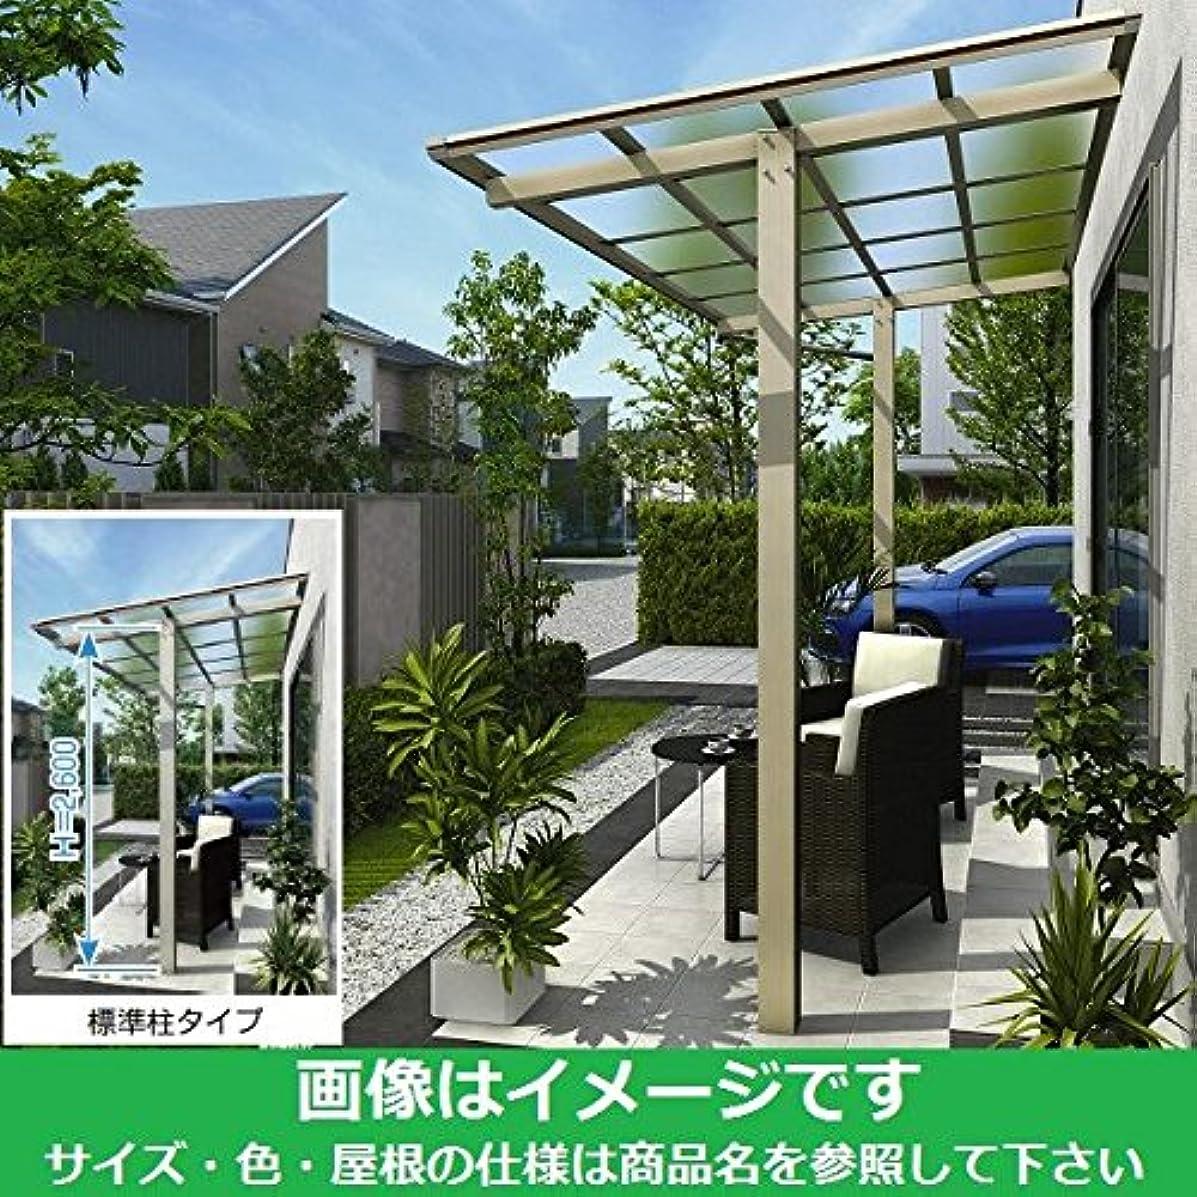 冷凍庫反動ボタンYKK 独立テラス屋根(600N/m2) エフルージュグラン ZERO 1間×6.6尺 標準柱(H2600) T字構造タイプ ポリカ屋根 帯?木目カラー ステン/ショコラウォールナット